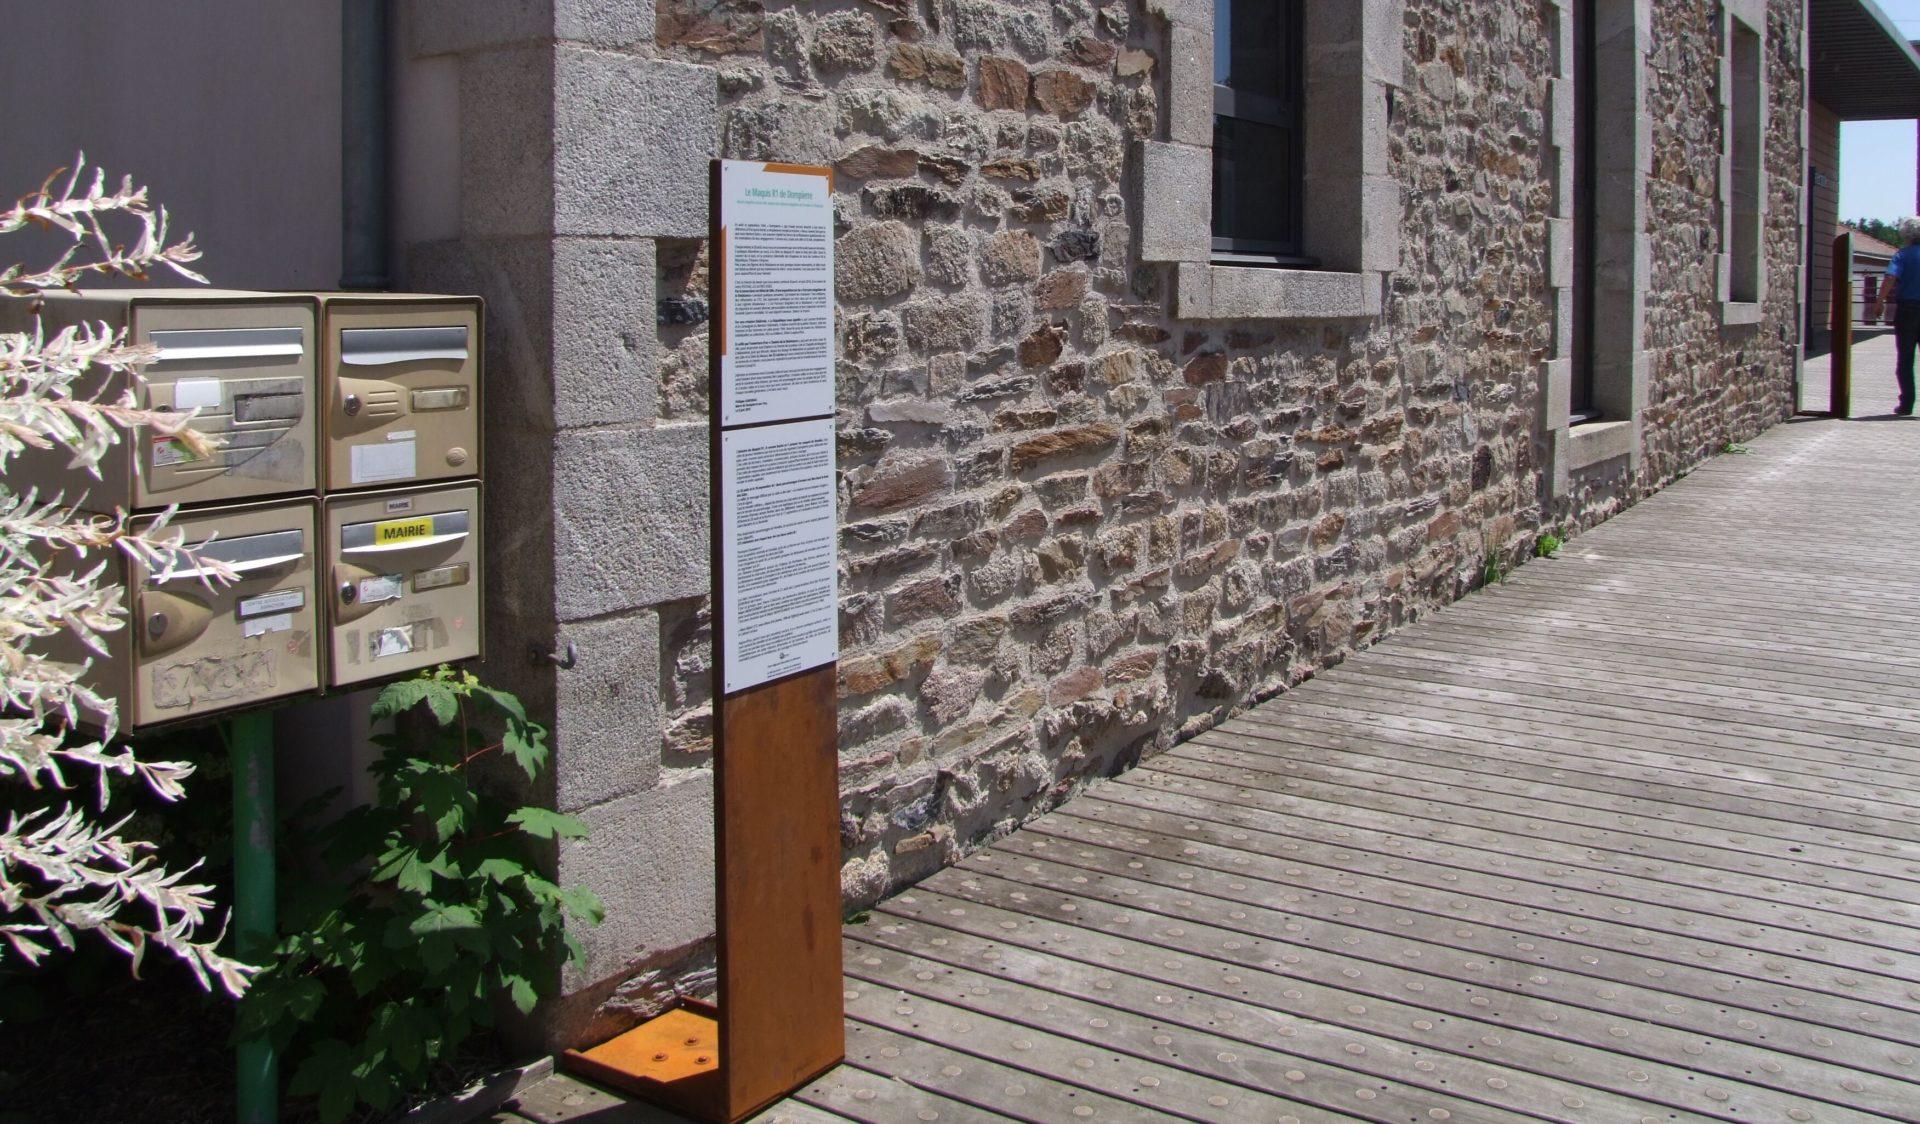 Les lutrins constitués de textes disposés dans l'espace public sont des invitations à la lecture extérieure, à la curiosité et au dépaysement…